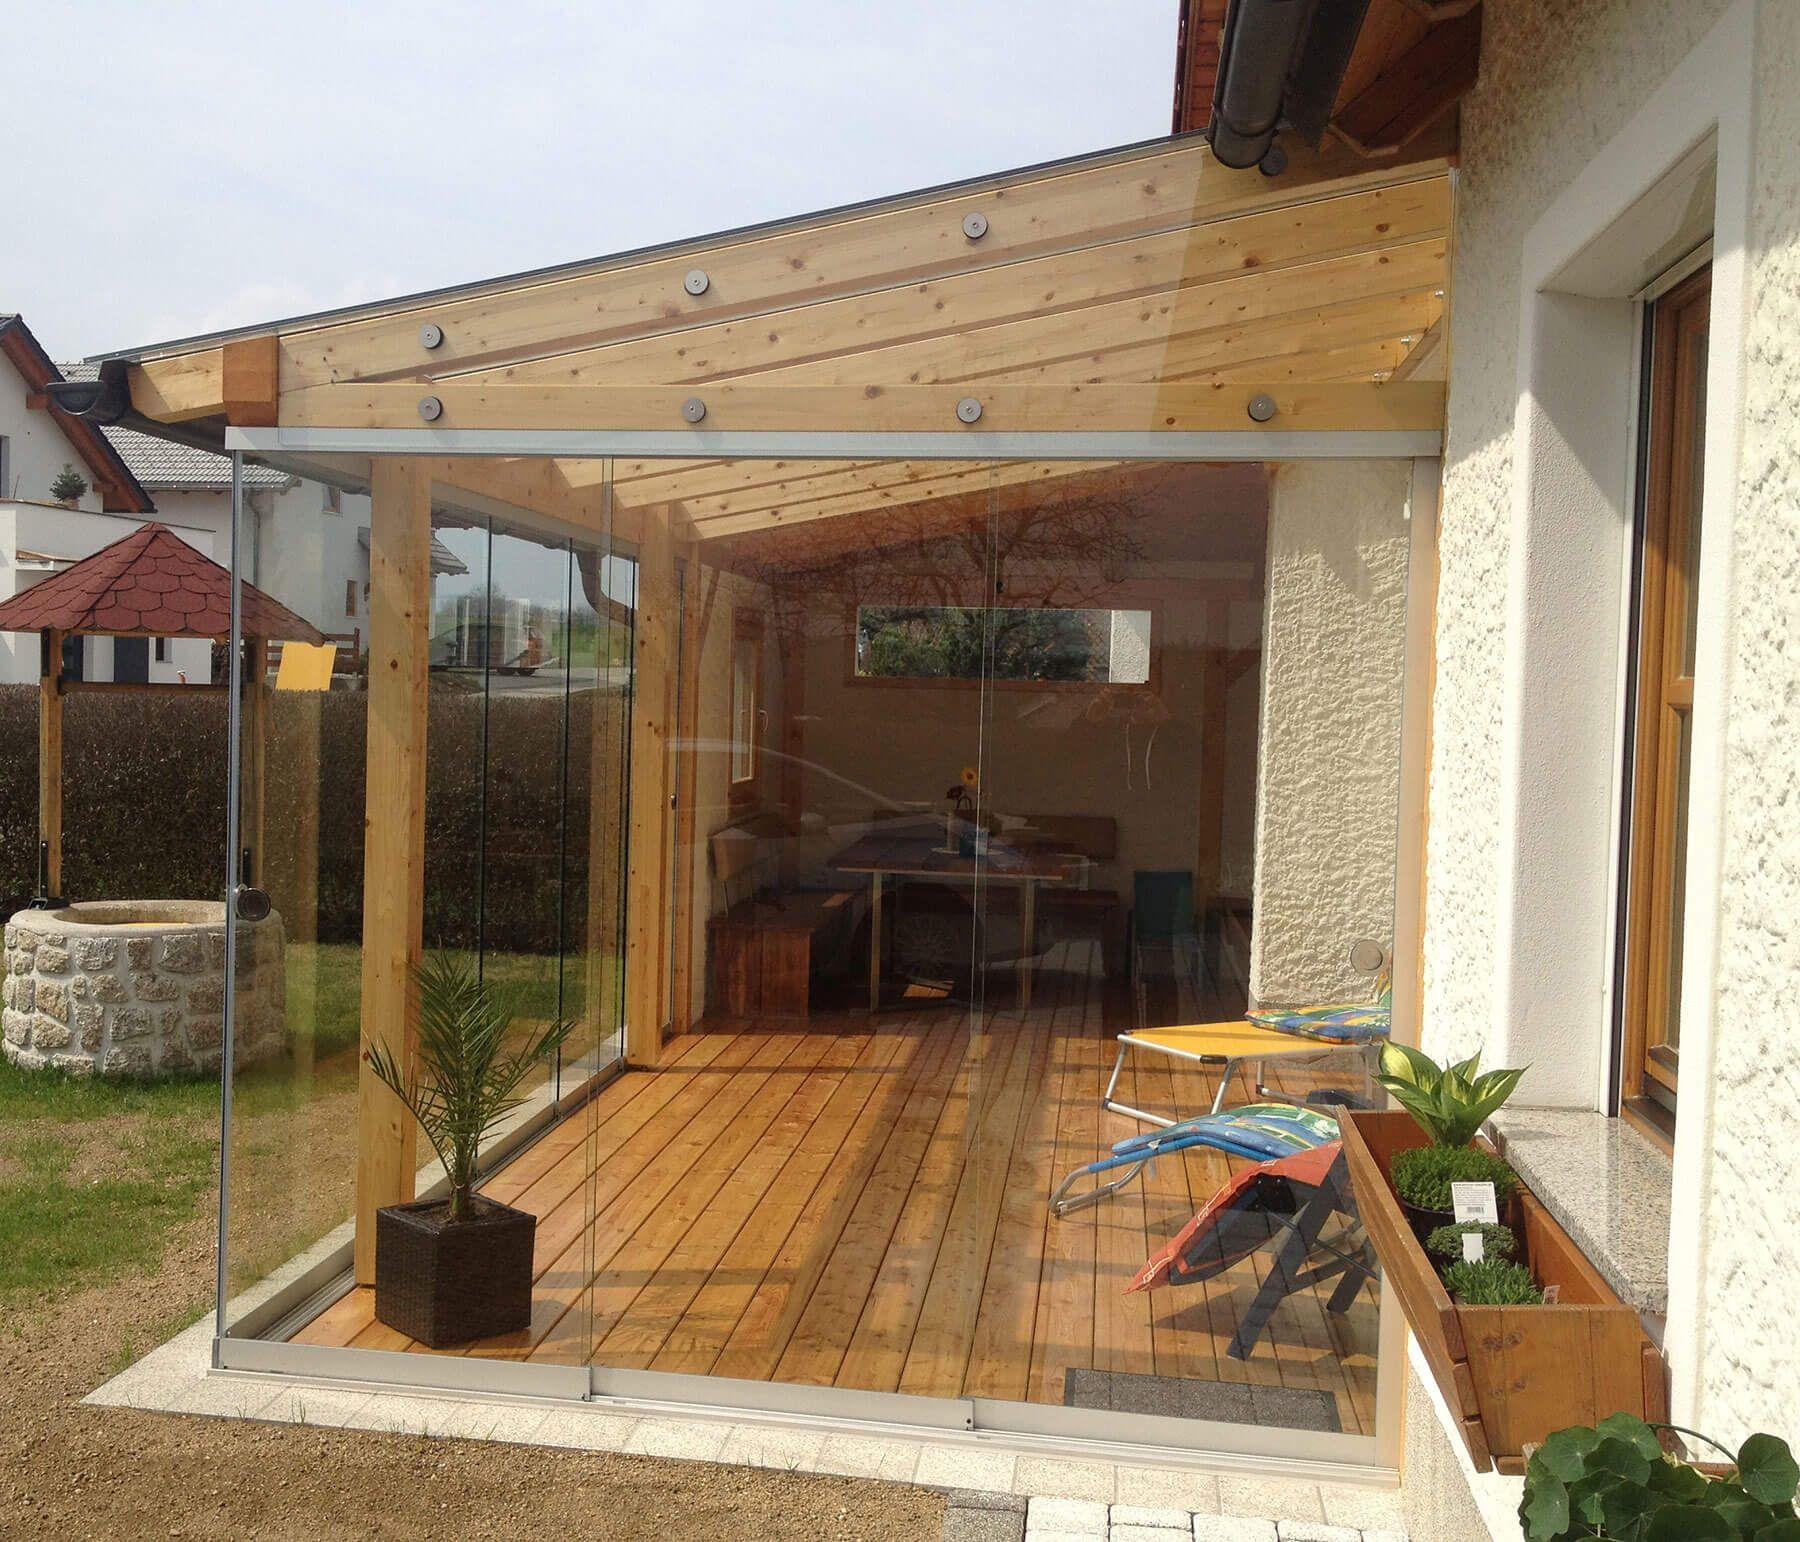 Prächtig Schiebeverglasung in Holzkonstruktion montiert #UT_85